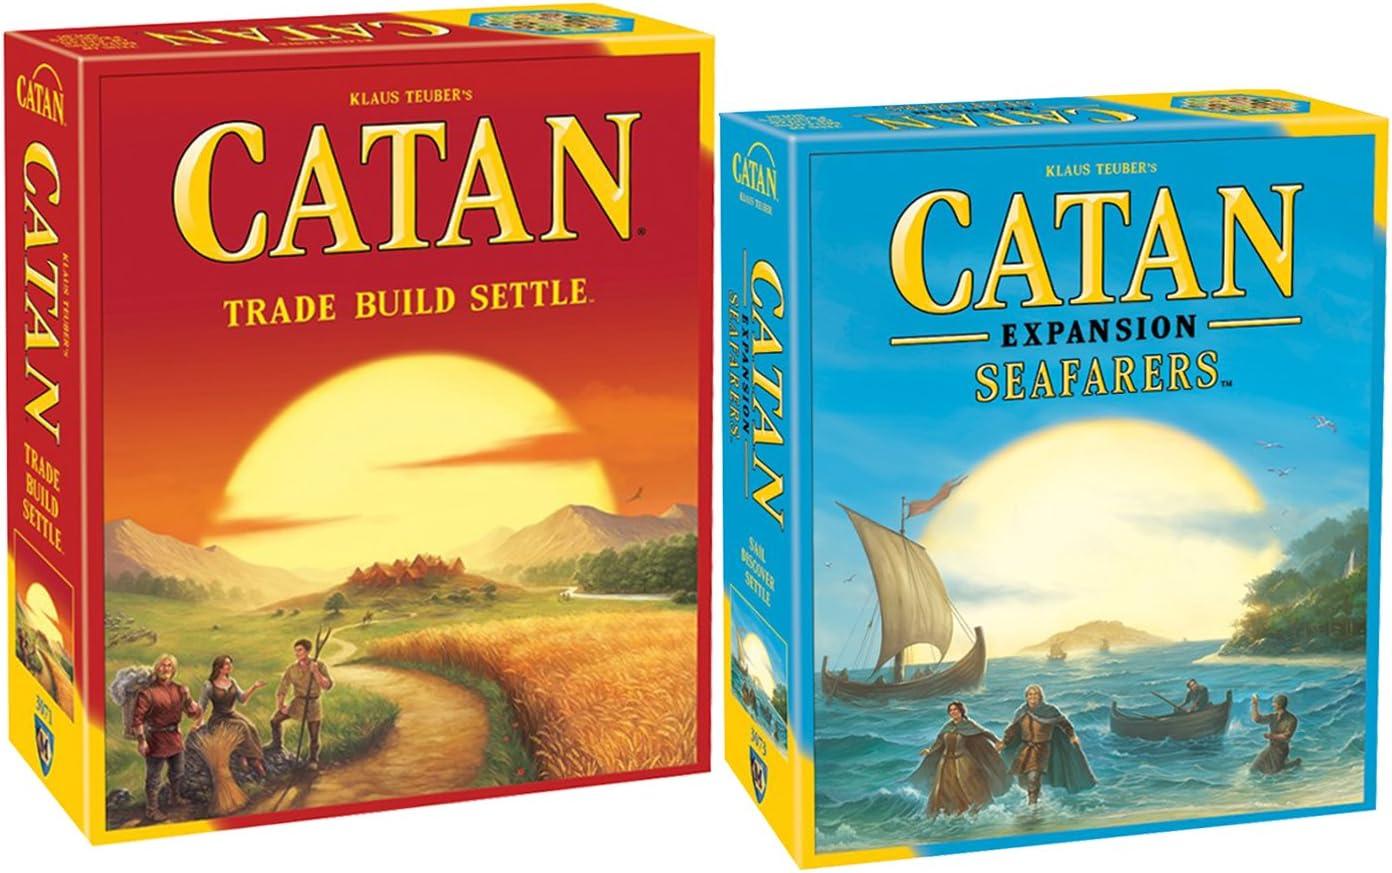 Amazon.es: Catan Studios Catan 5ª edición Viene Equipada con Catan: Gente de mar Juego de expansión 5ª edición